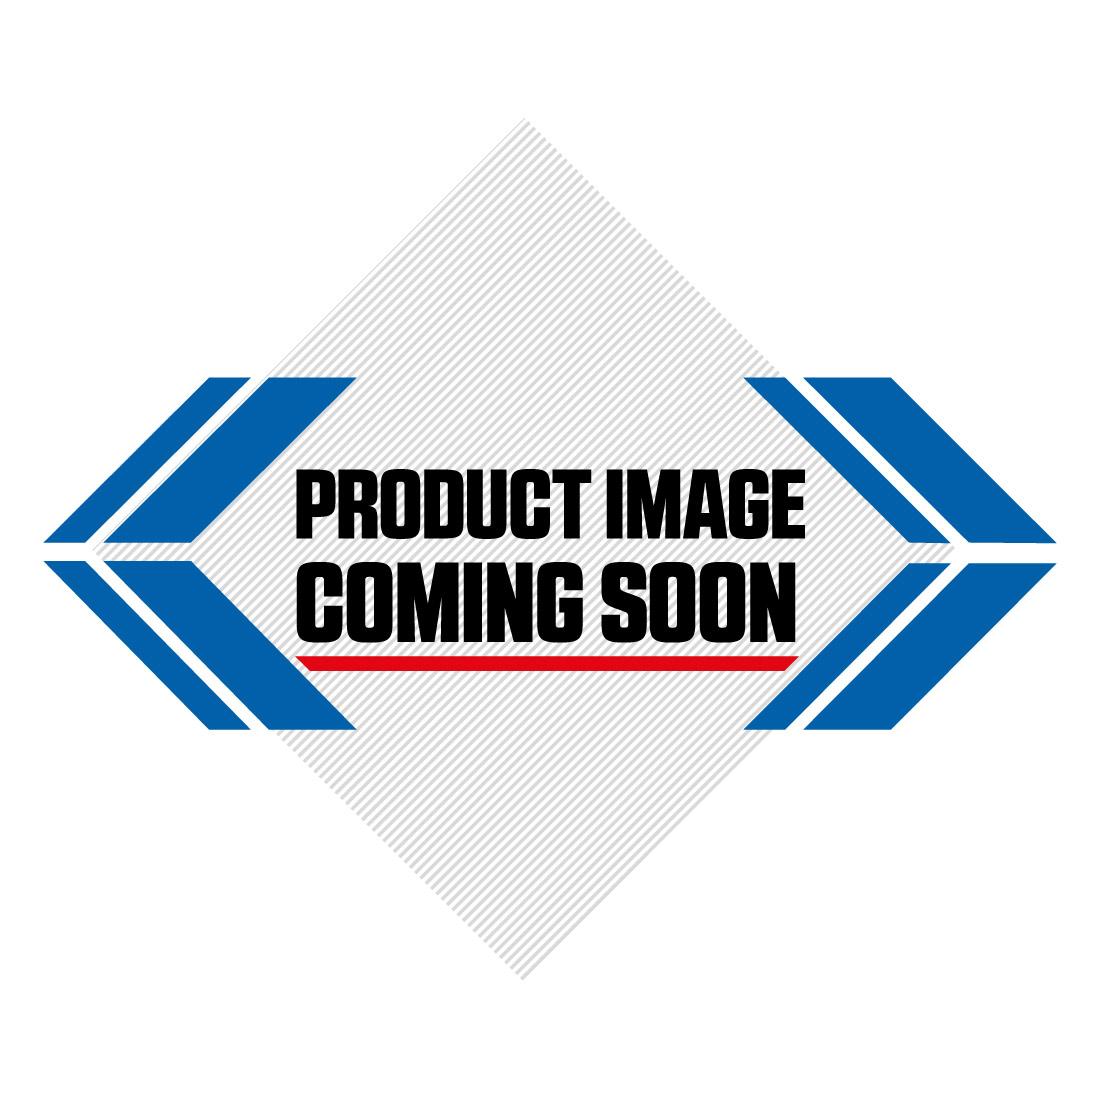 New 2015 Honda CRF 250R Motocross Bike Image-5>